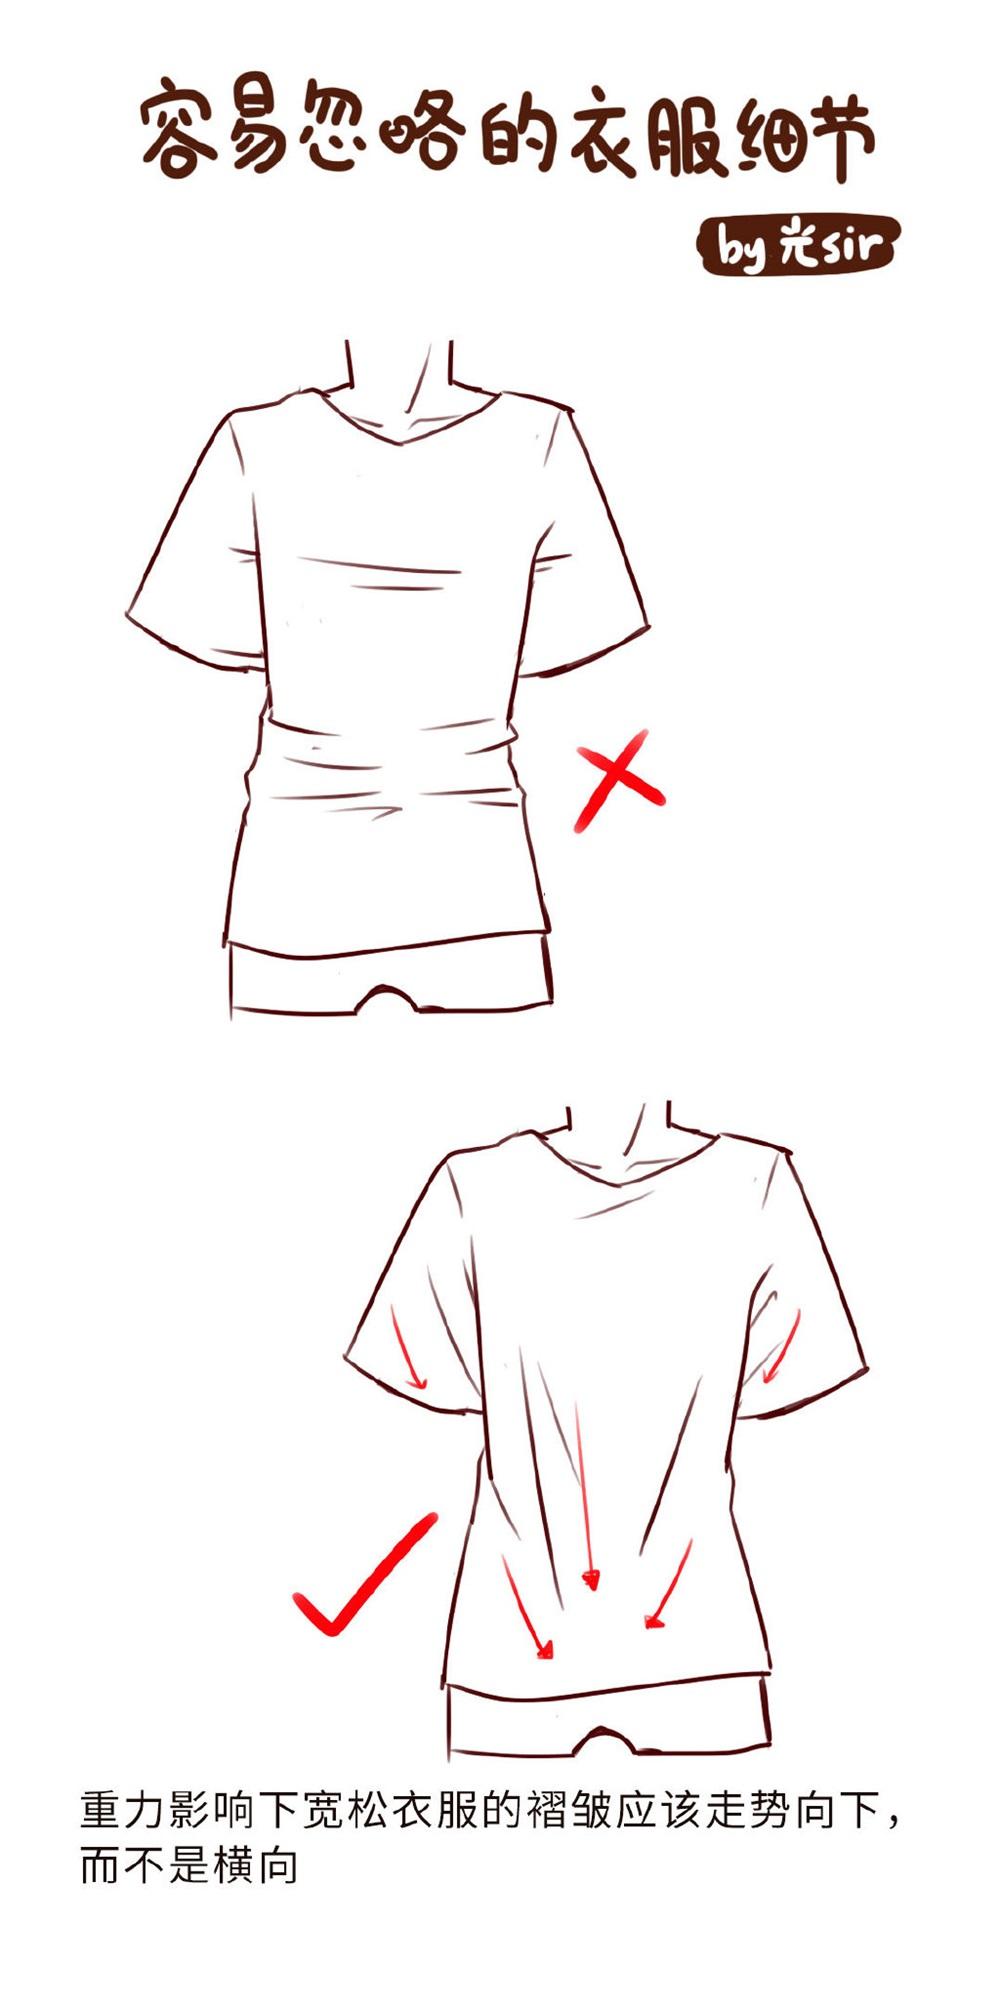 插画中容易忽略的衣服细节